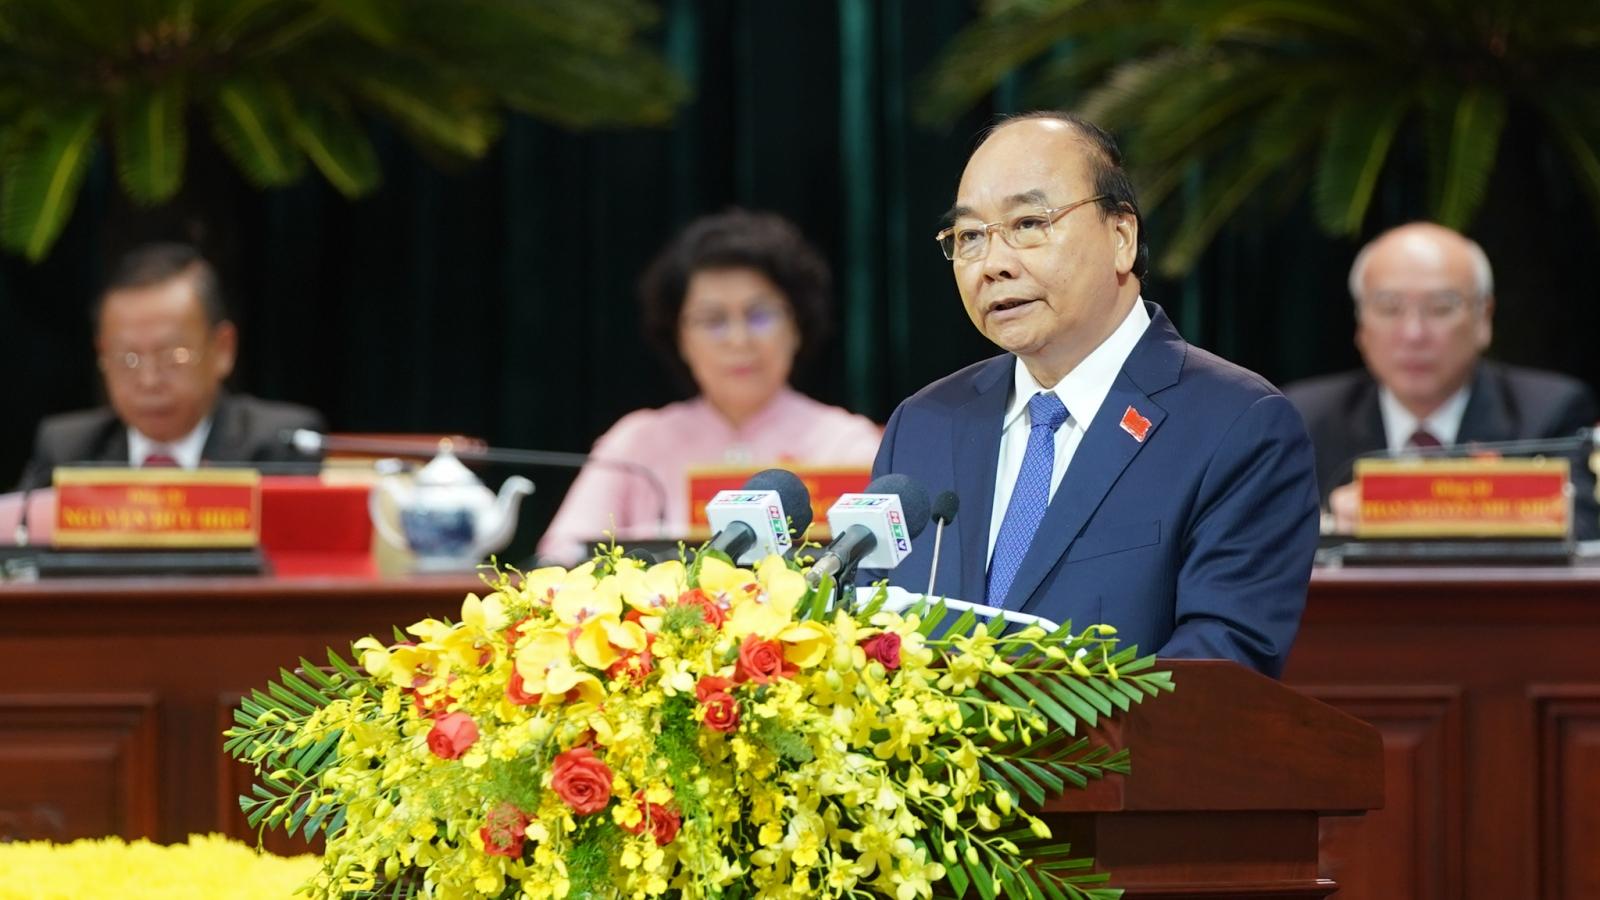 Thủ tướng: TP.HCM không thiếu nguồn lực, chỉ thiếu cơ chế, chính sách phù hợp